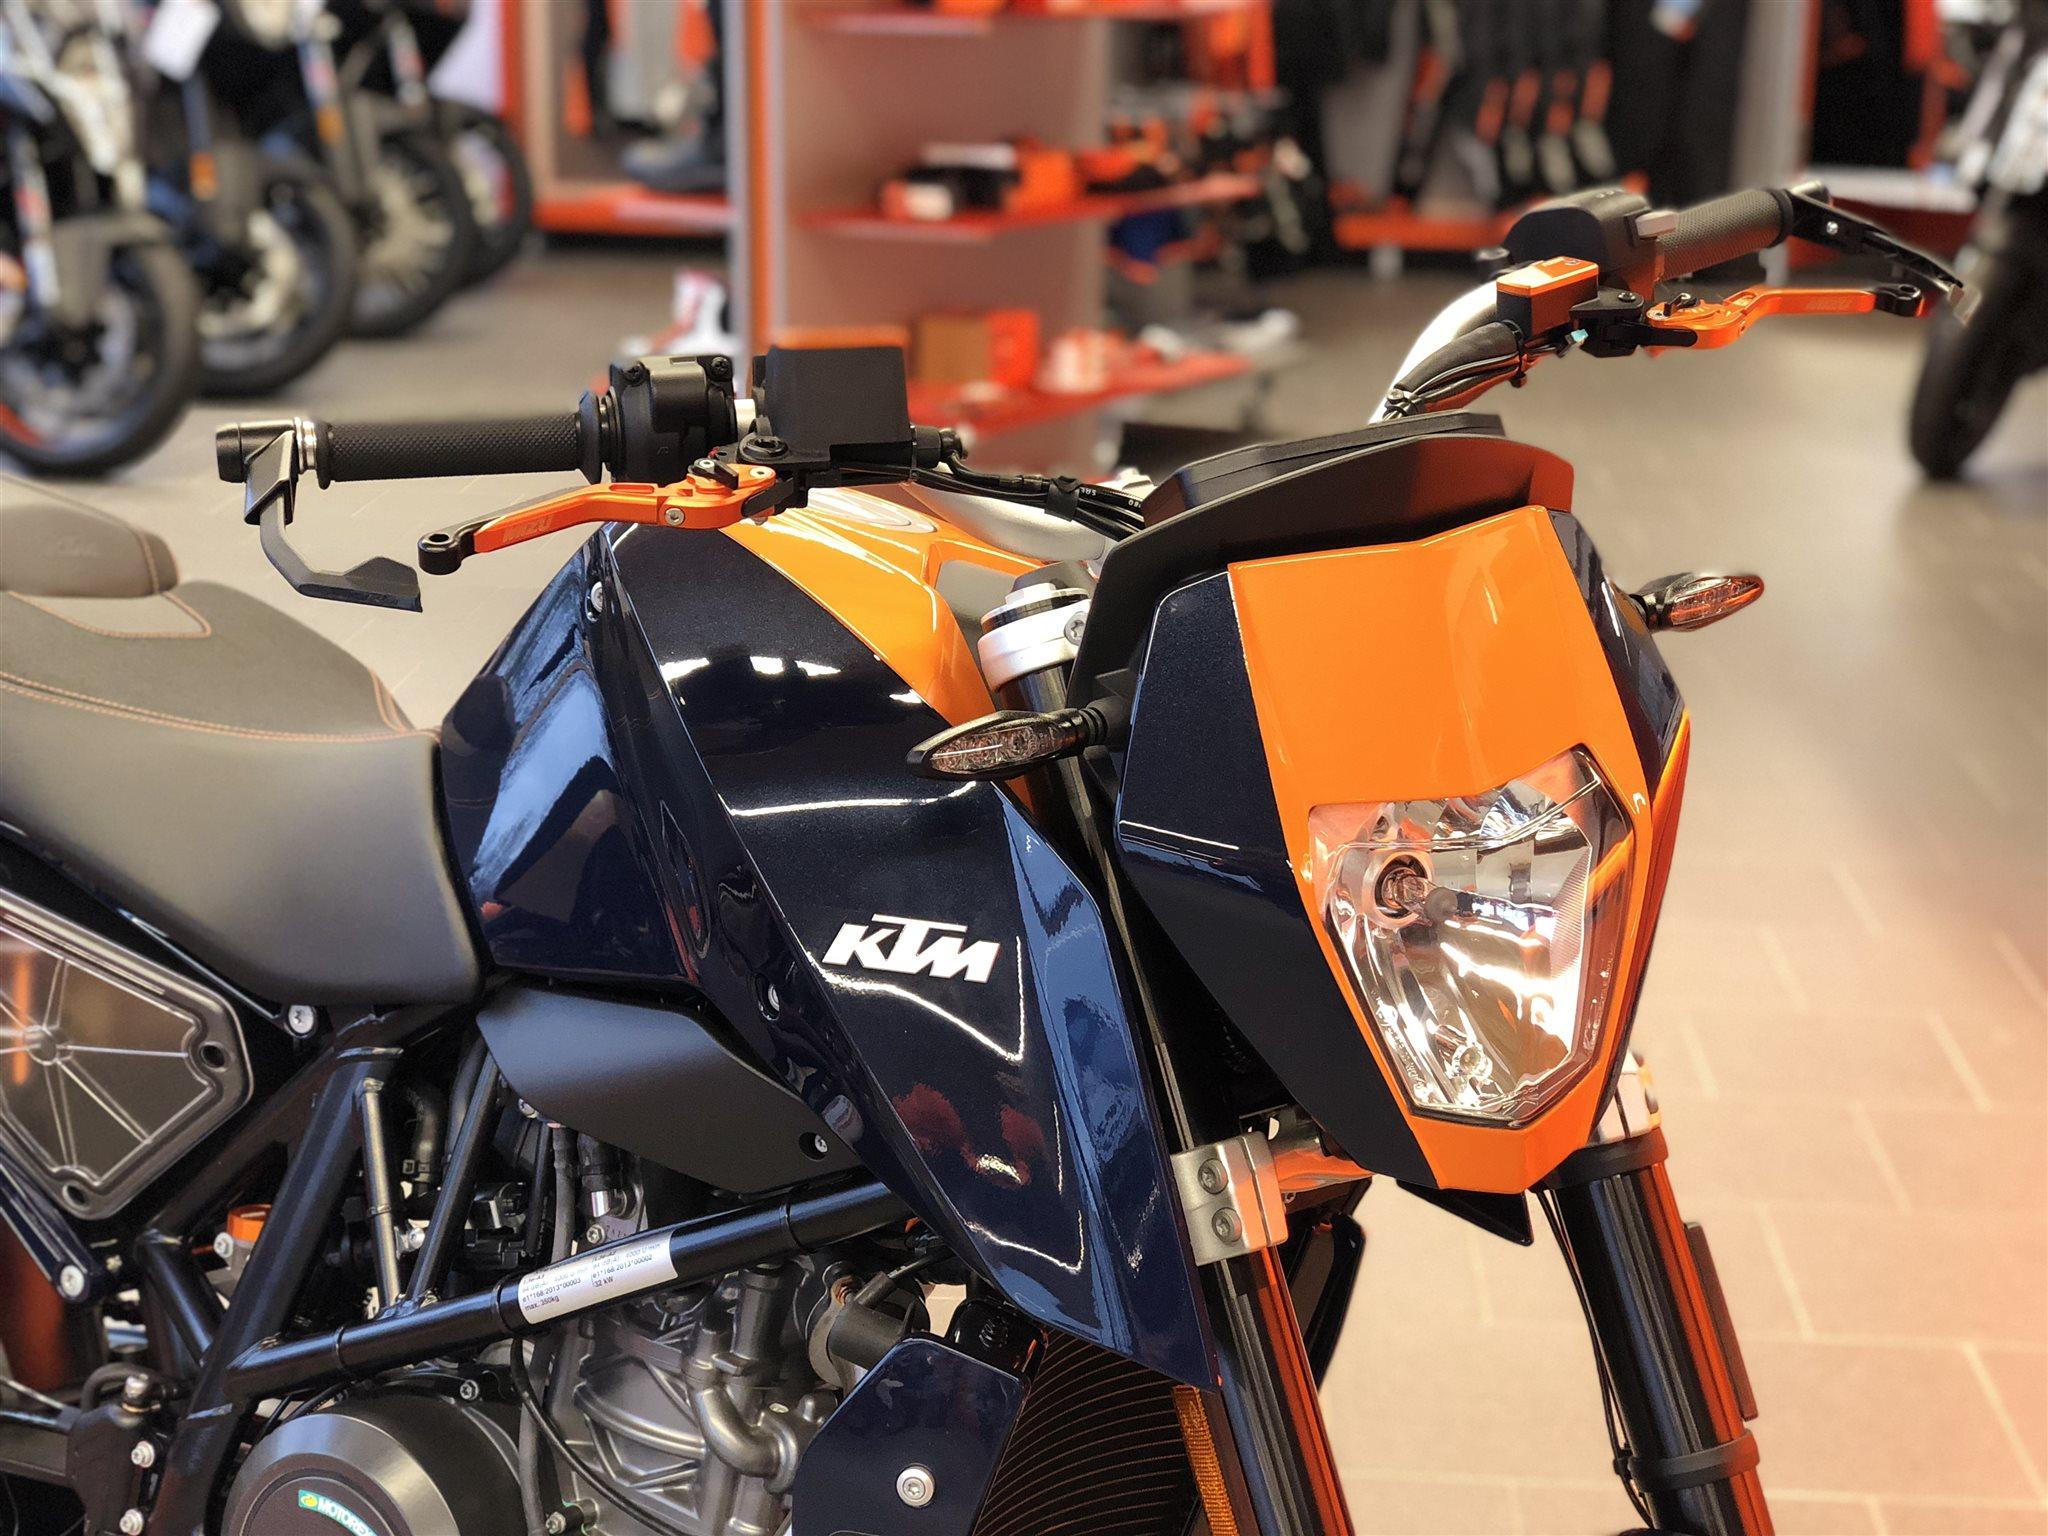 umgebautes motorrad ktm 690 duke von biker s point fuchs. Black Bedroom Furniture Sets. Home Design Ideas